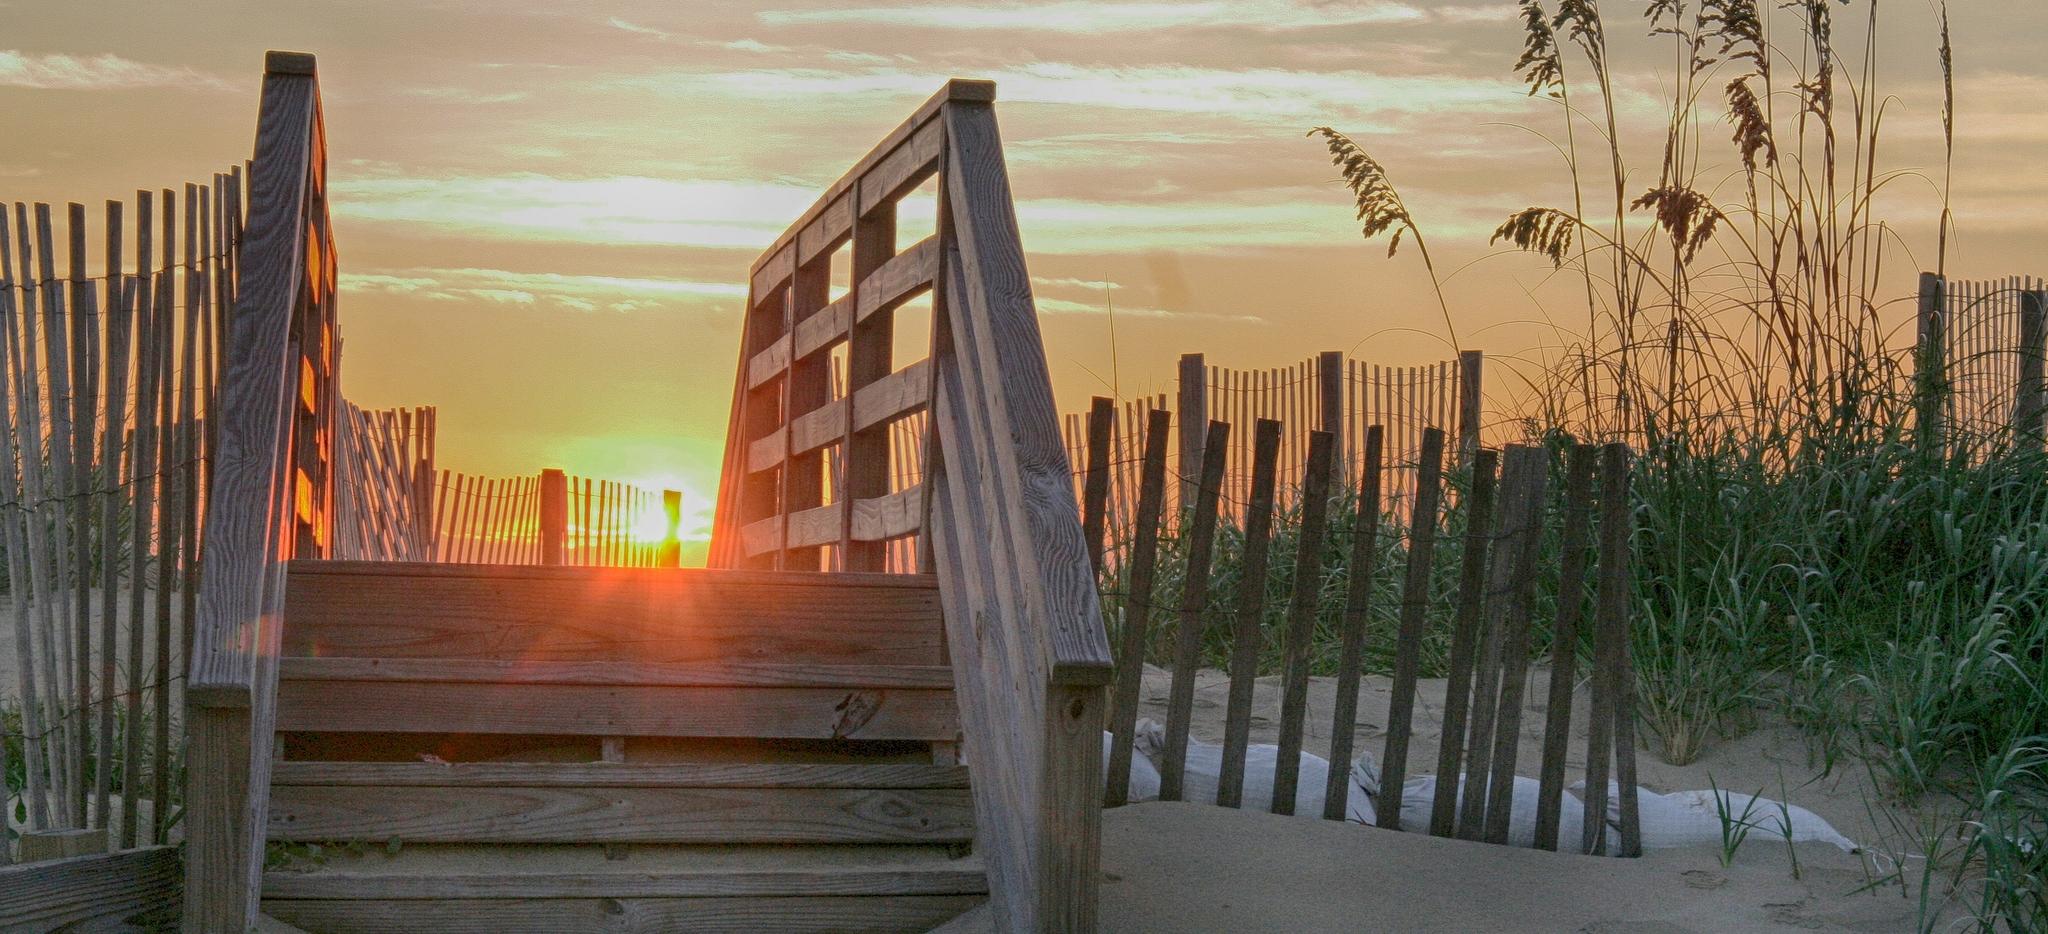 nc-sunrise-824409-edited